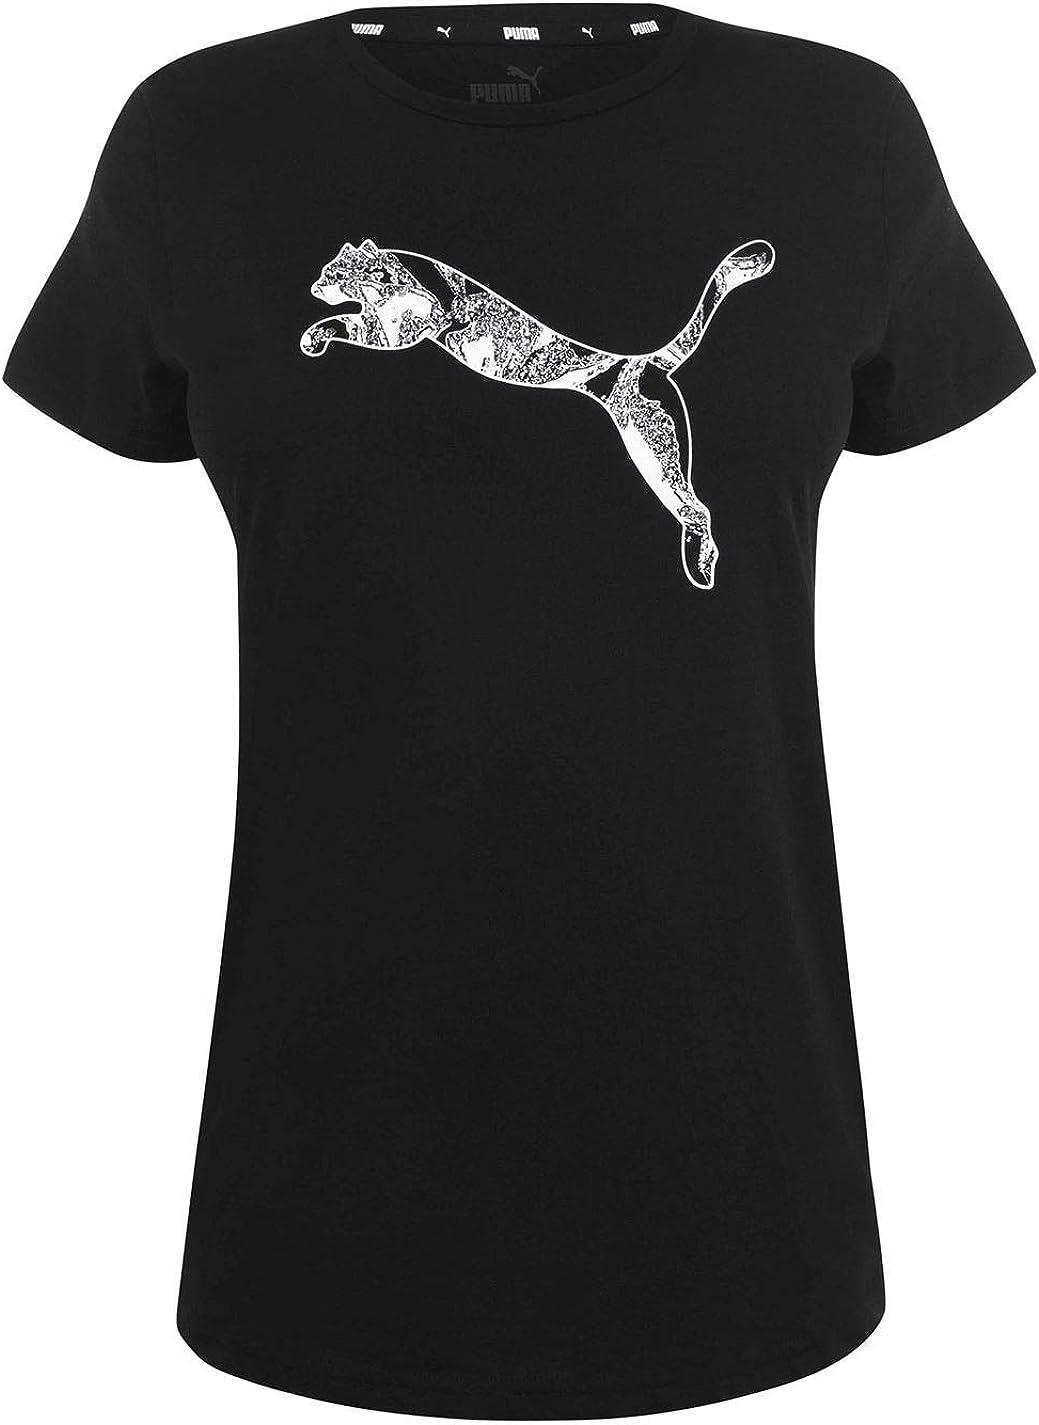 PUMA Big Cat QT - Camiseta de Manga Corta para Mujer